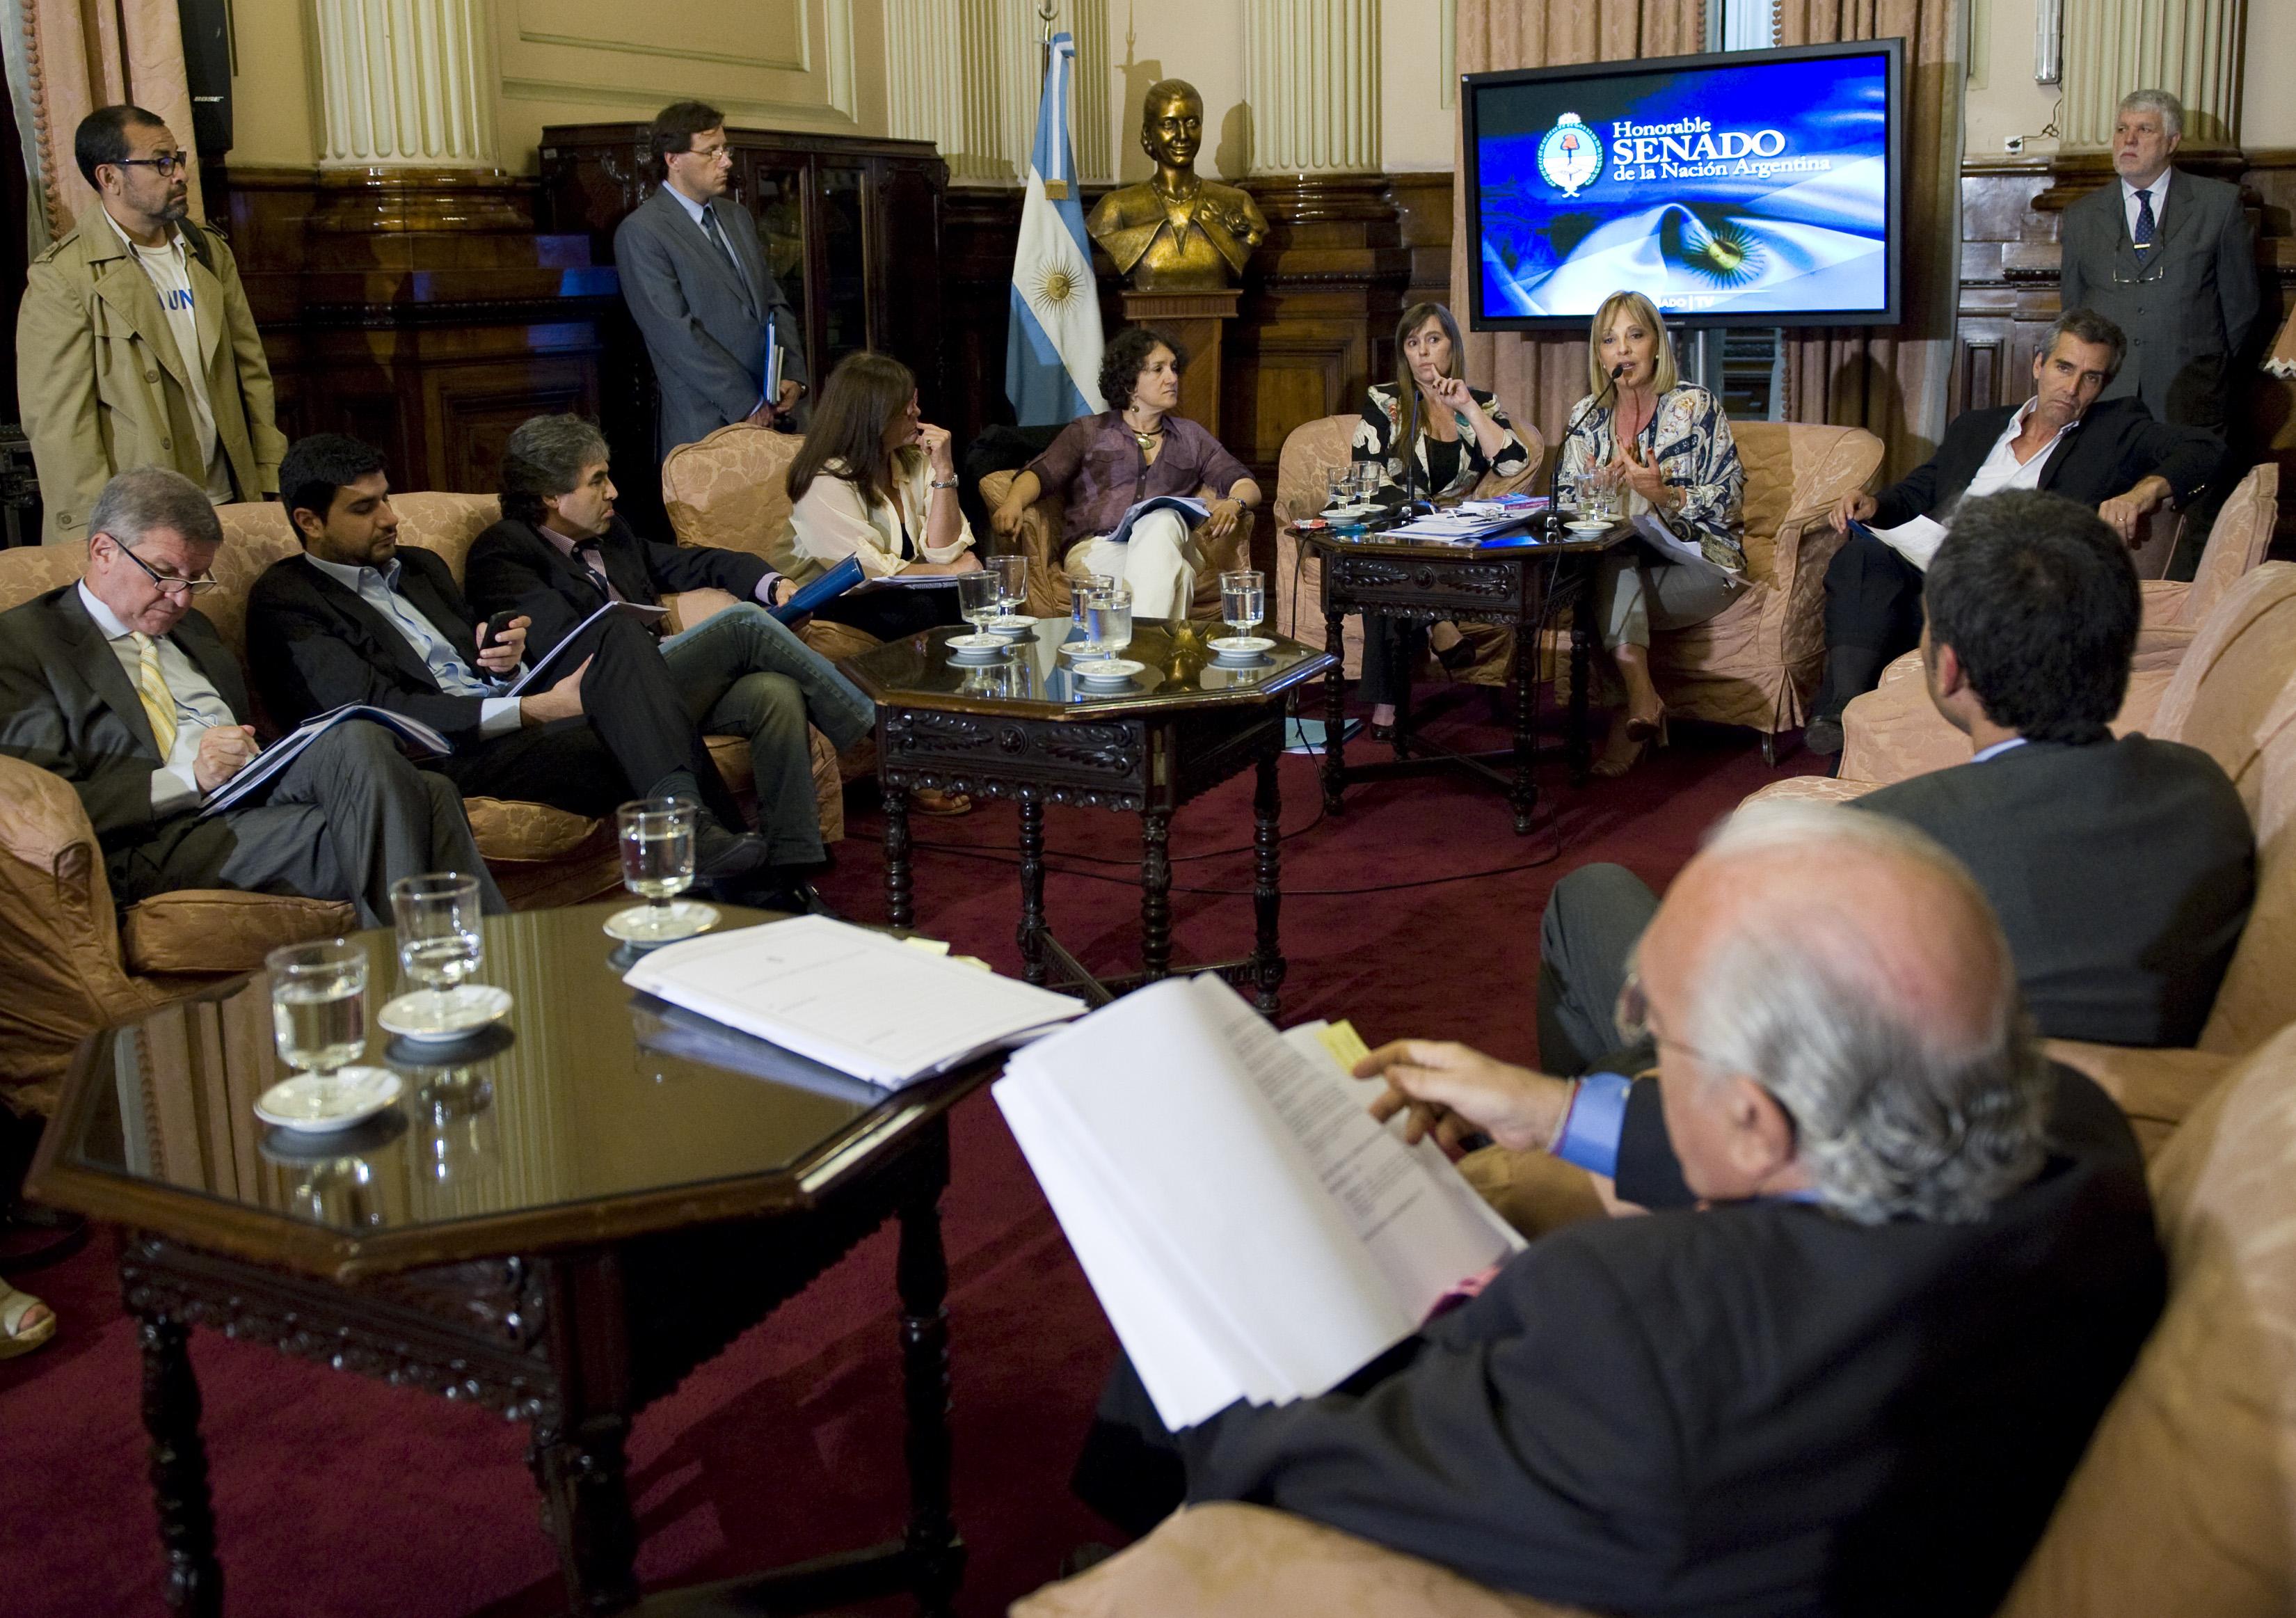 COMISIÓN BICAMERAL DE SEGUIMIENTO DE LA COMUNICACIÓN AUDIOVISUAL ARGENTINA APROBÓ LA DESIGNACIÓN